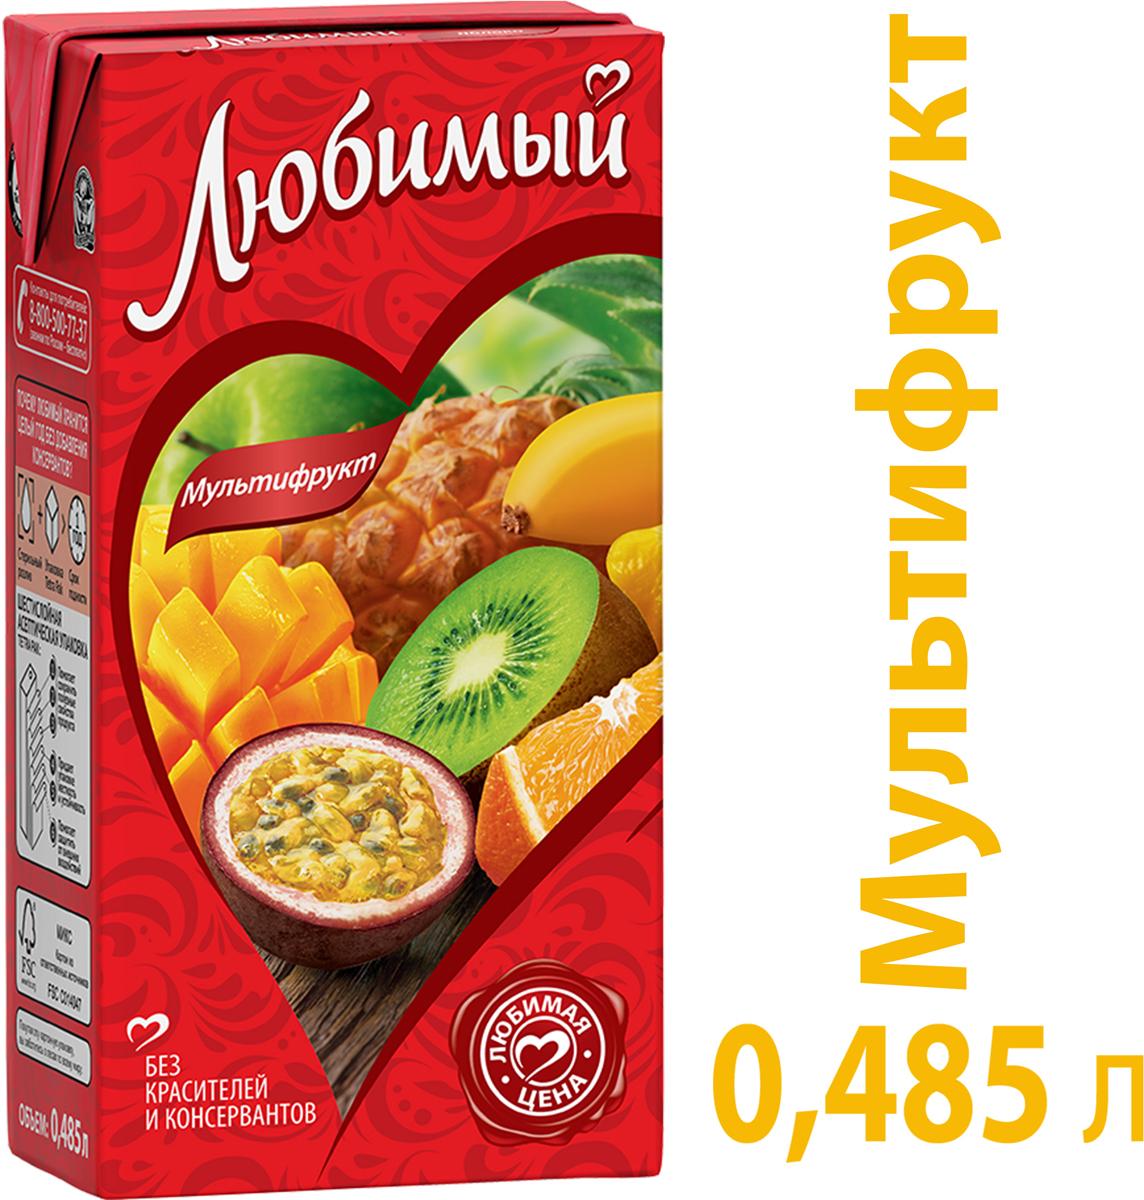 Любимый Мультифрукт нектар, 0,485 л340024794Любимый – это нектары, соковые напитки, а также сиропы на любой вкус по доступной цене. Они бережно сохраняют настоящий вкус и аромат сочных спелых фруктов без использования искусственных красителей и консервантов. В ассортиментной линейке бренда